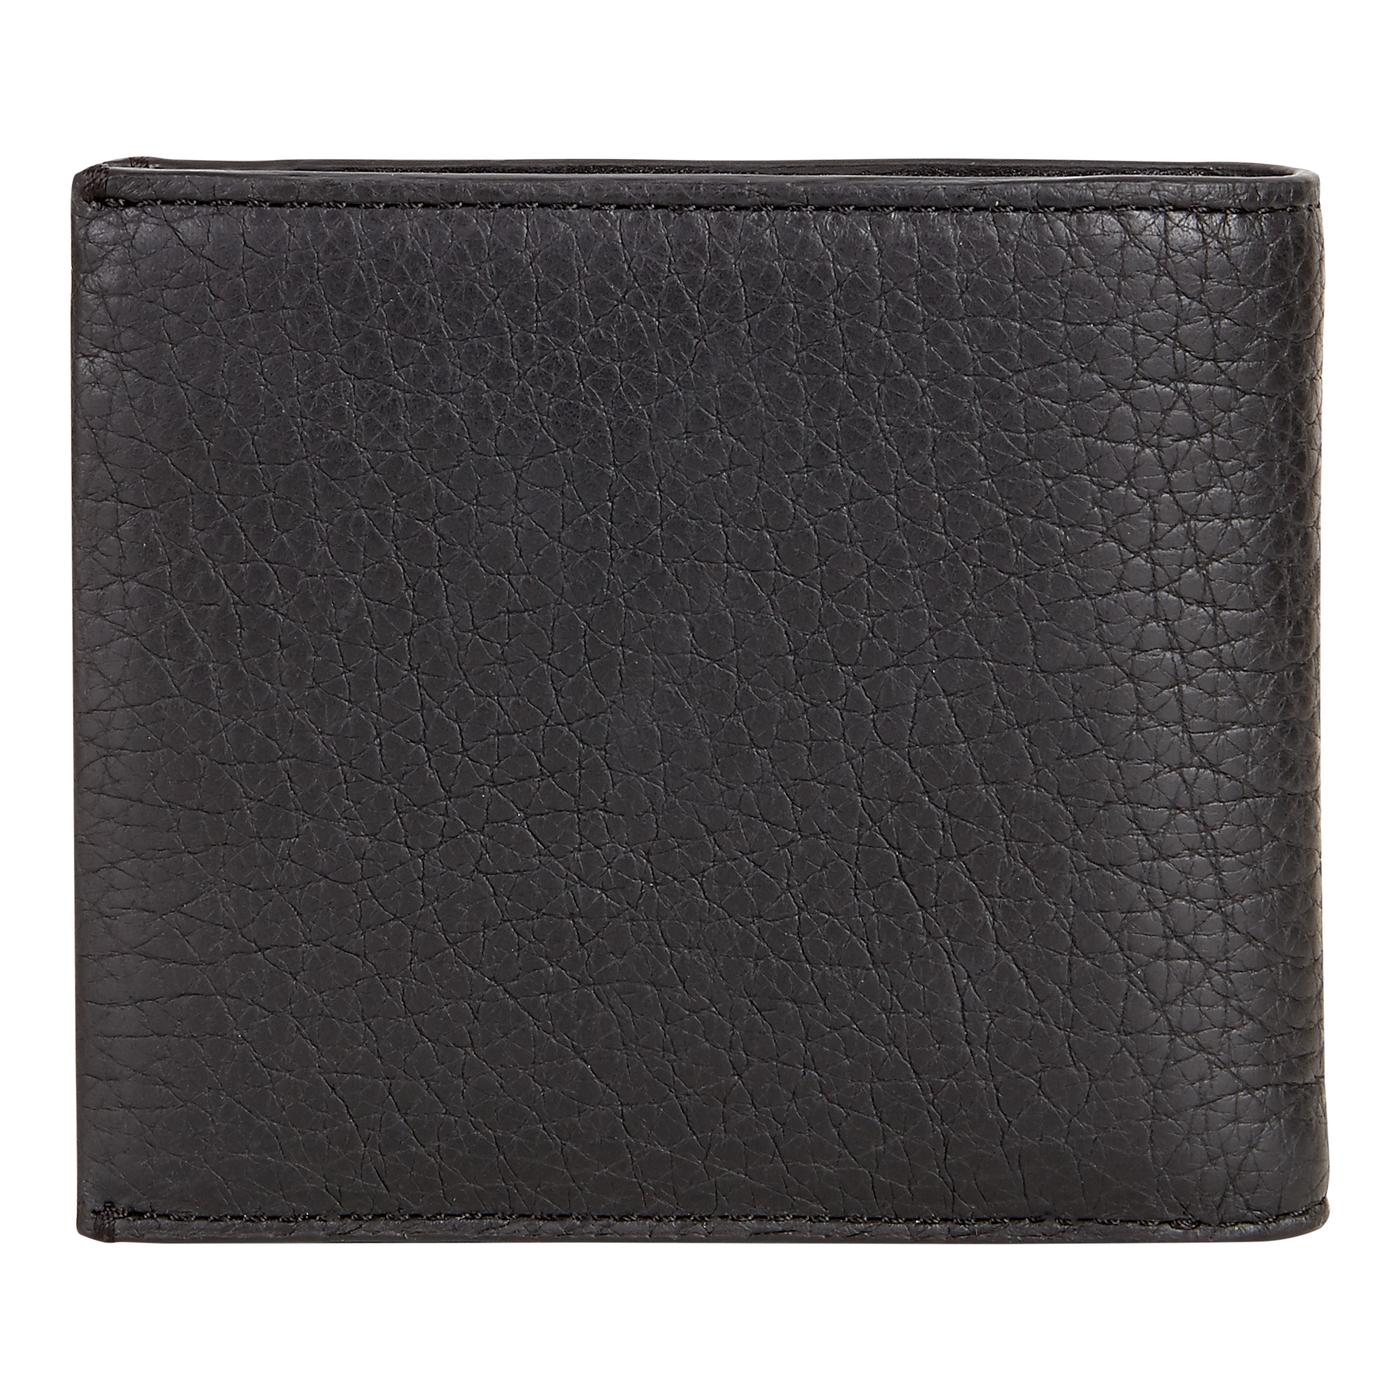 ECCO Arne RFID Flap Wallet